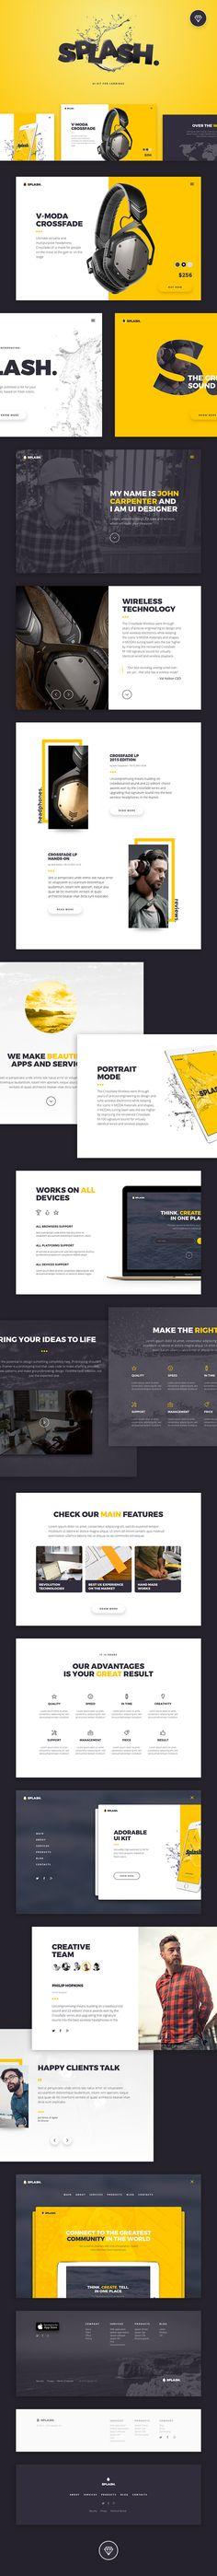 20 Splash UI Kit Screens - download freebie by PixelBuddha